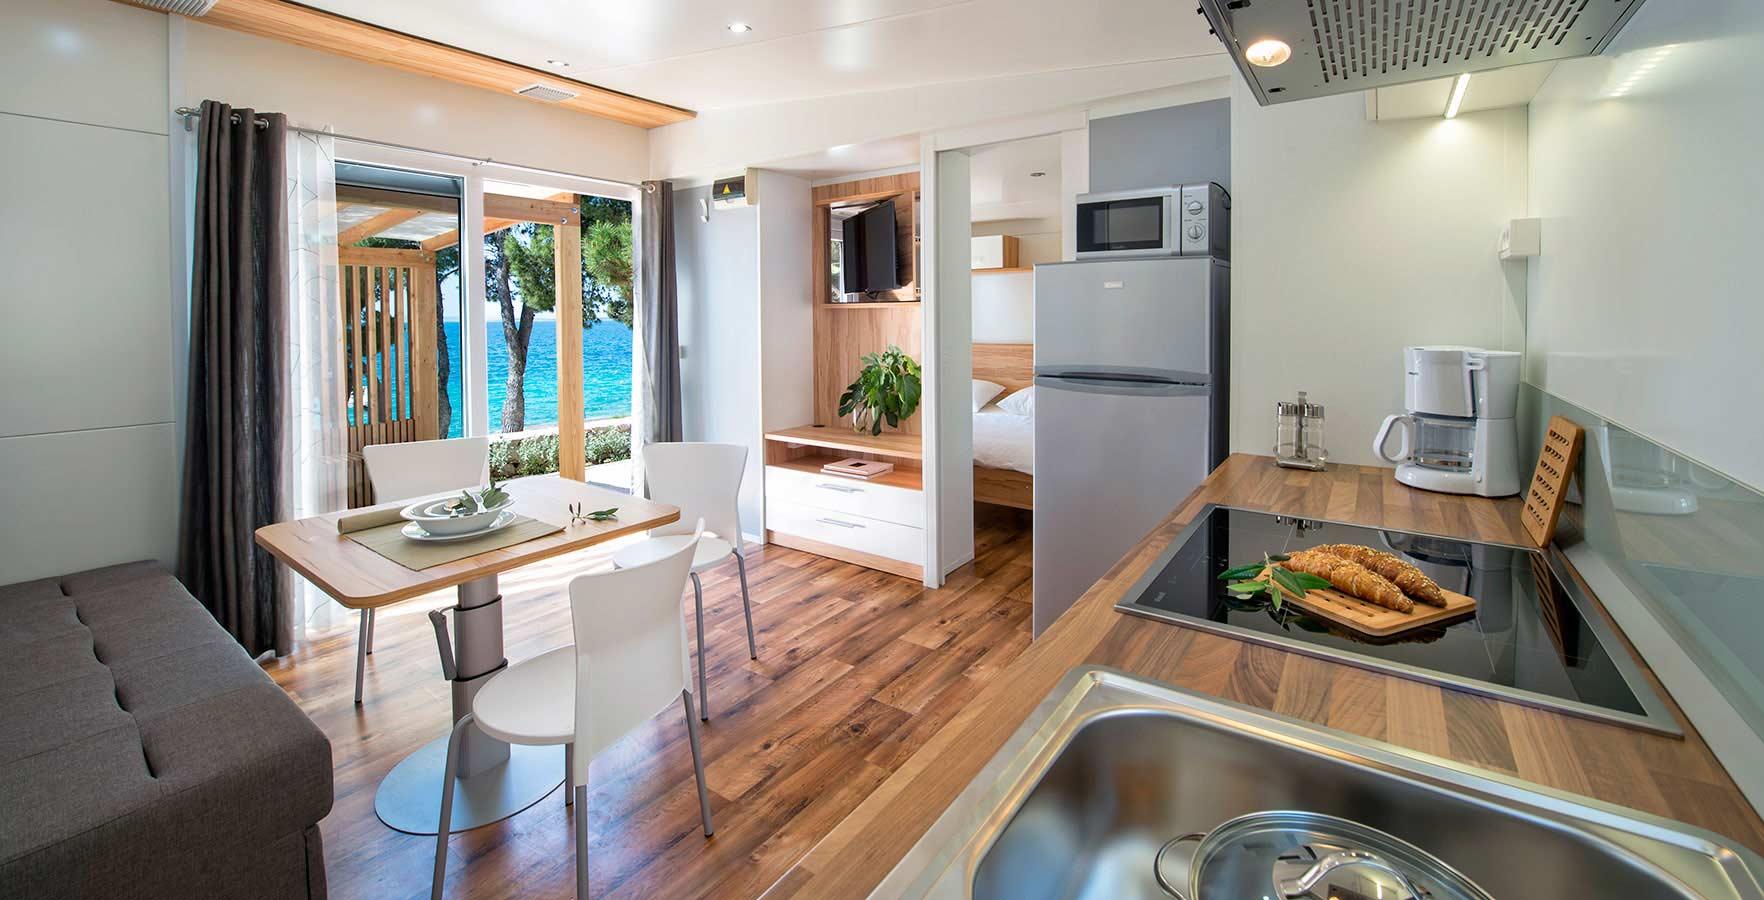 campeggio kozarica federazione camping croazia. Black Bedroom Furniture Sets. Home Design Ideas